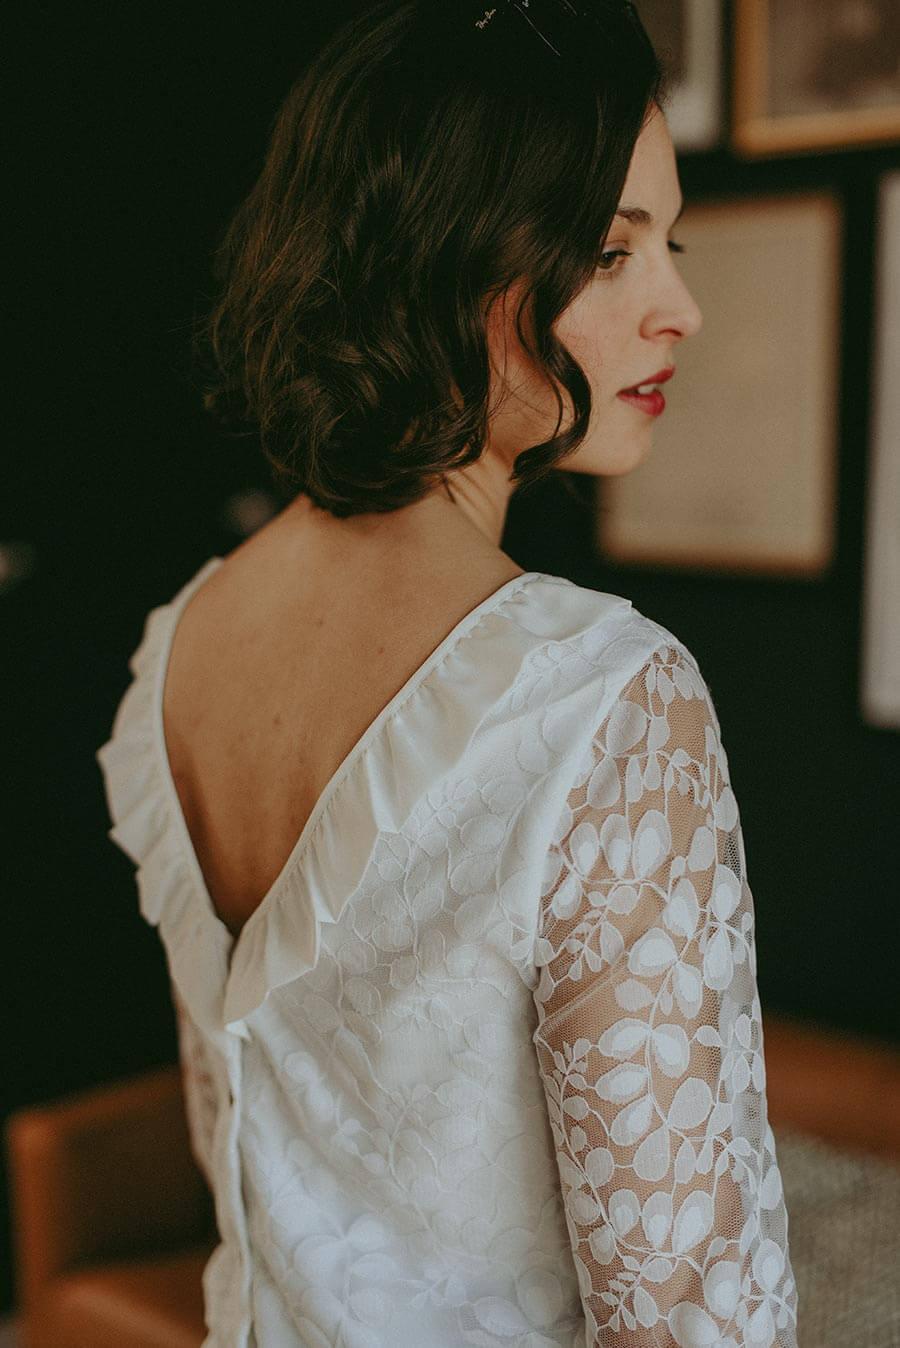 Anne Durrieu Spitzenbluse Valentine © Vanessa Madec